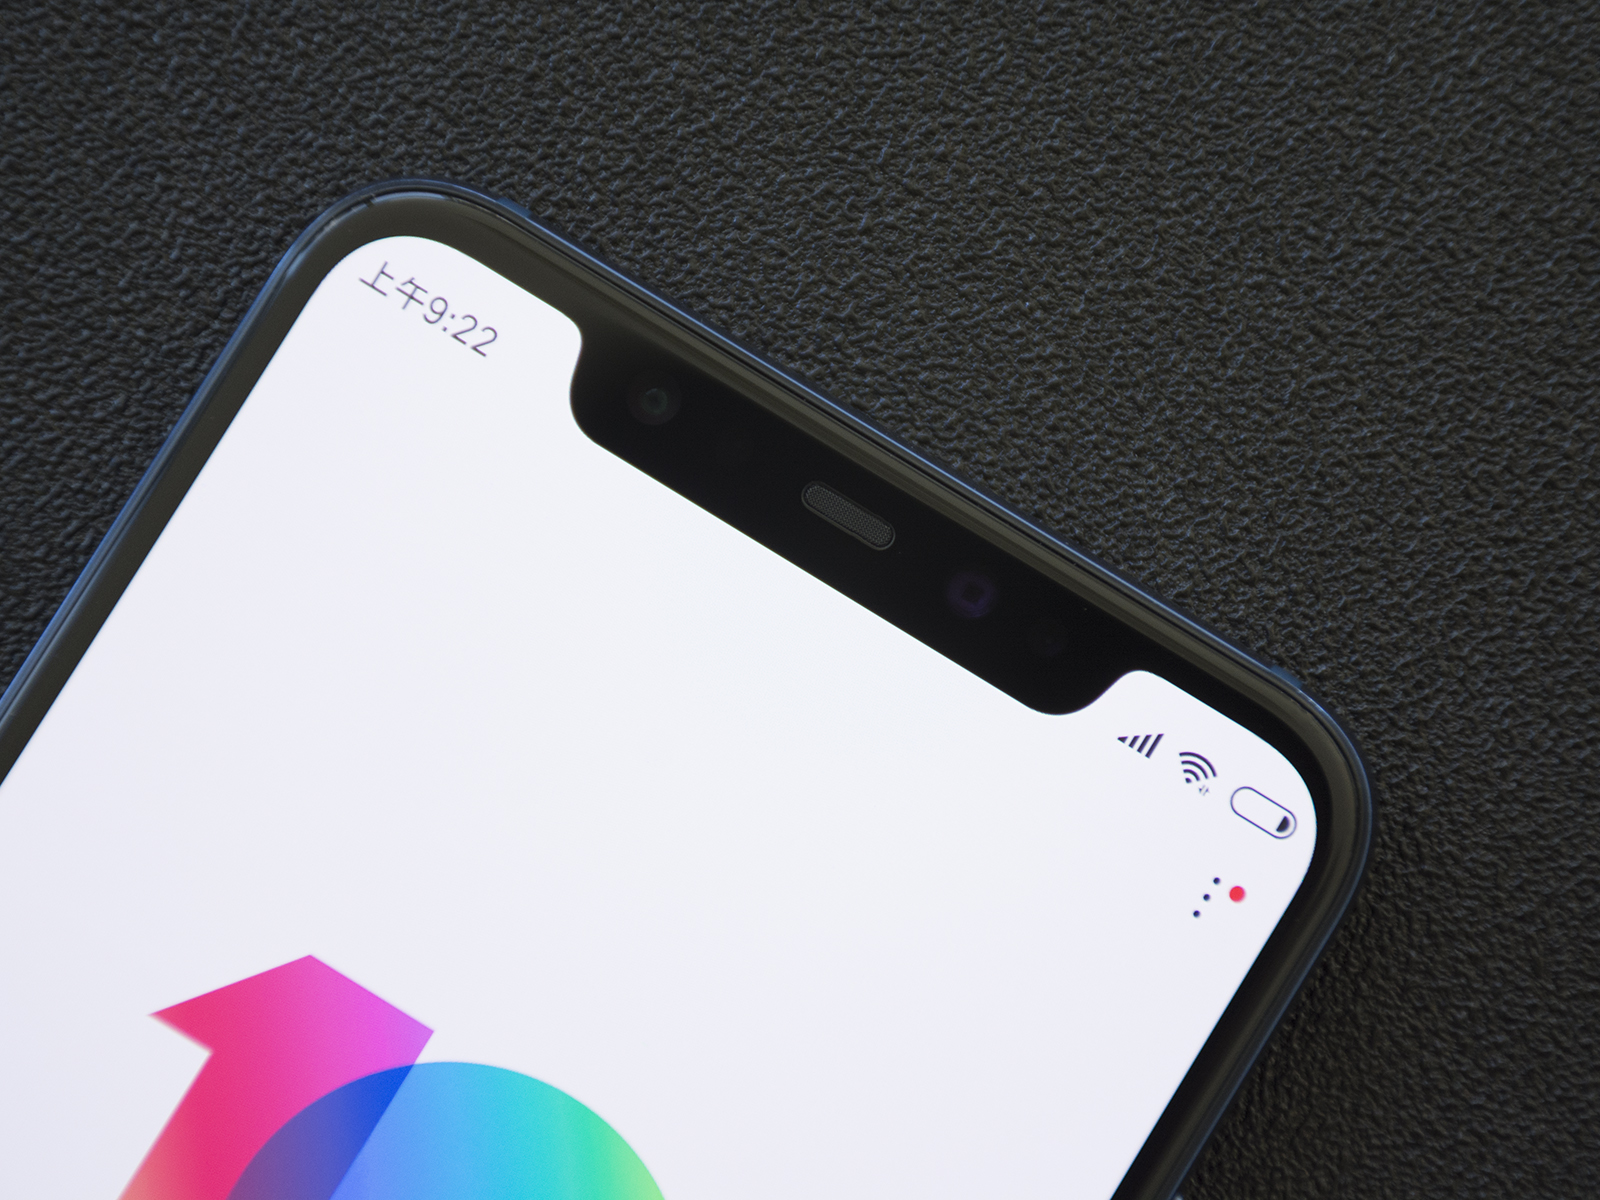 Primeras impresiones del Xiaomi Mi 8 versión azul - Diseño